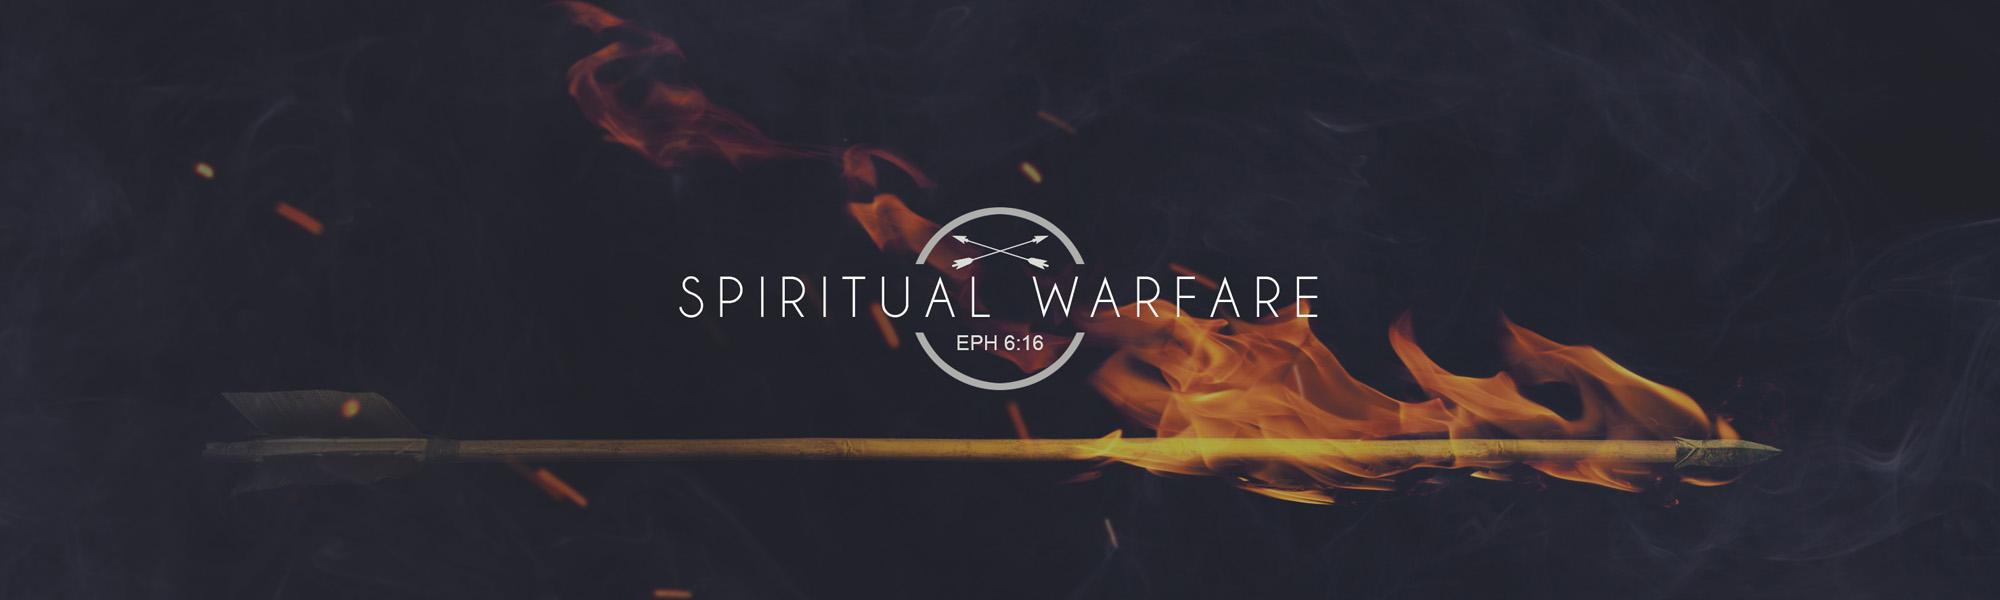 Header Design - Spiritual Warfare.jpg